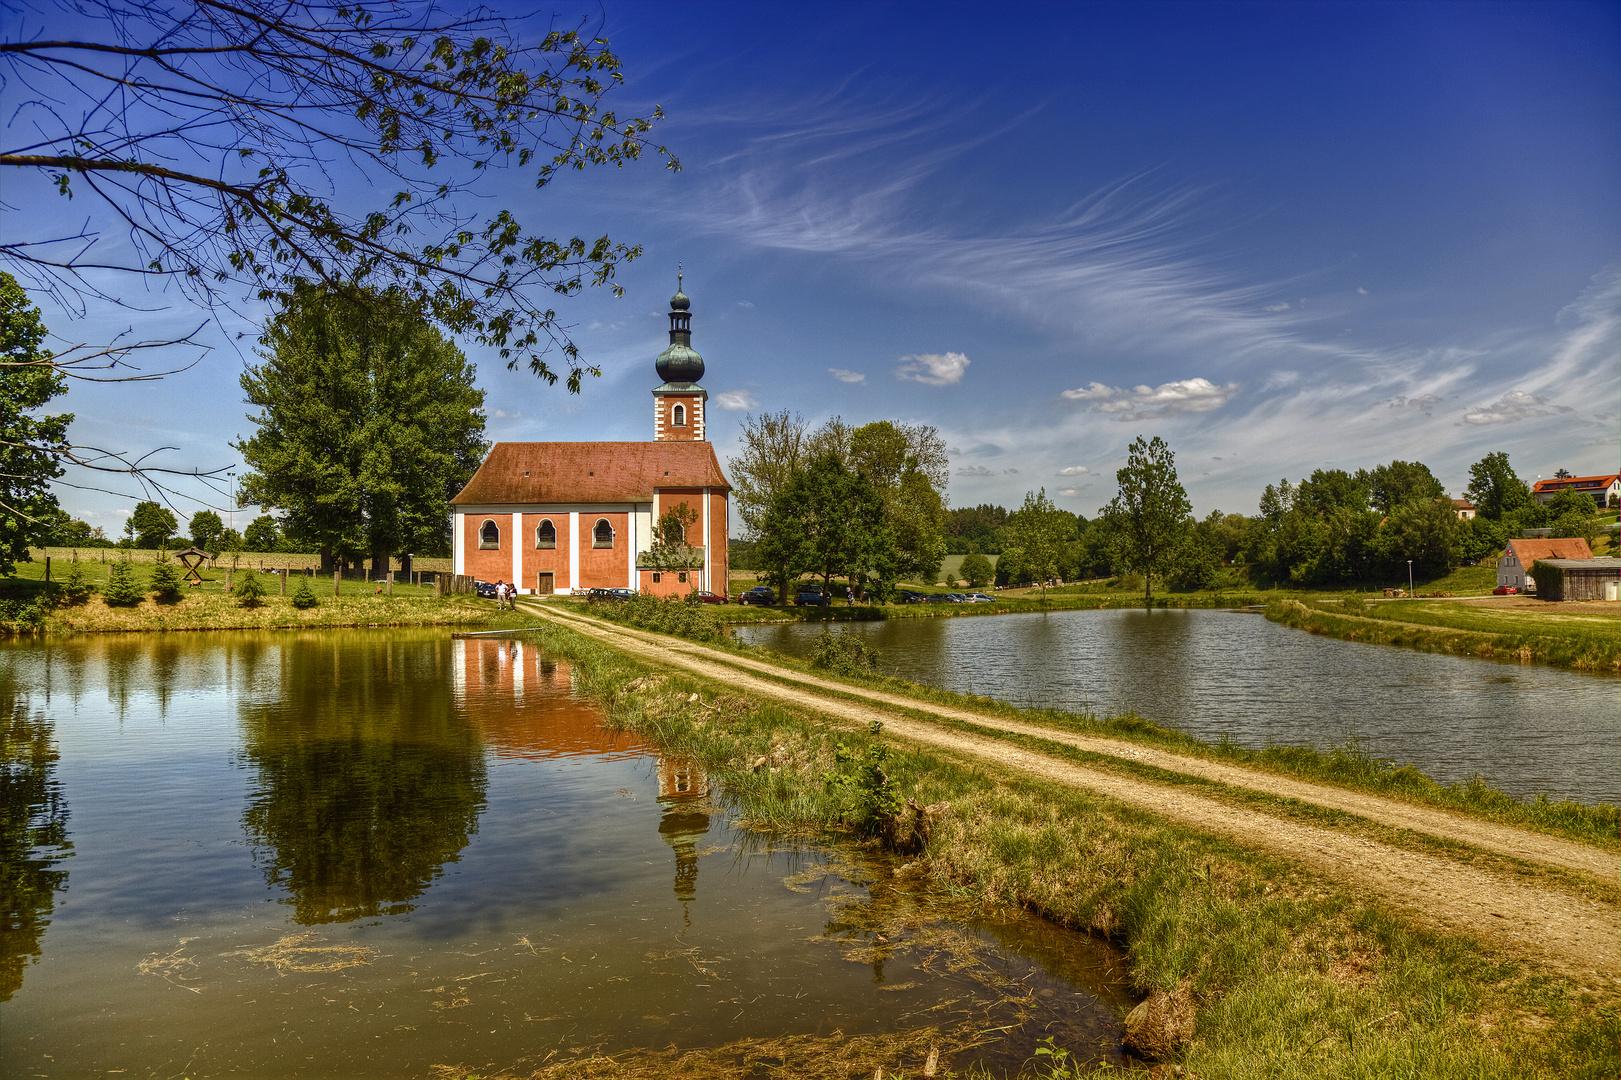 Wieskirche in Moosbach/Oberpfalz